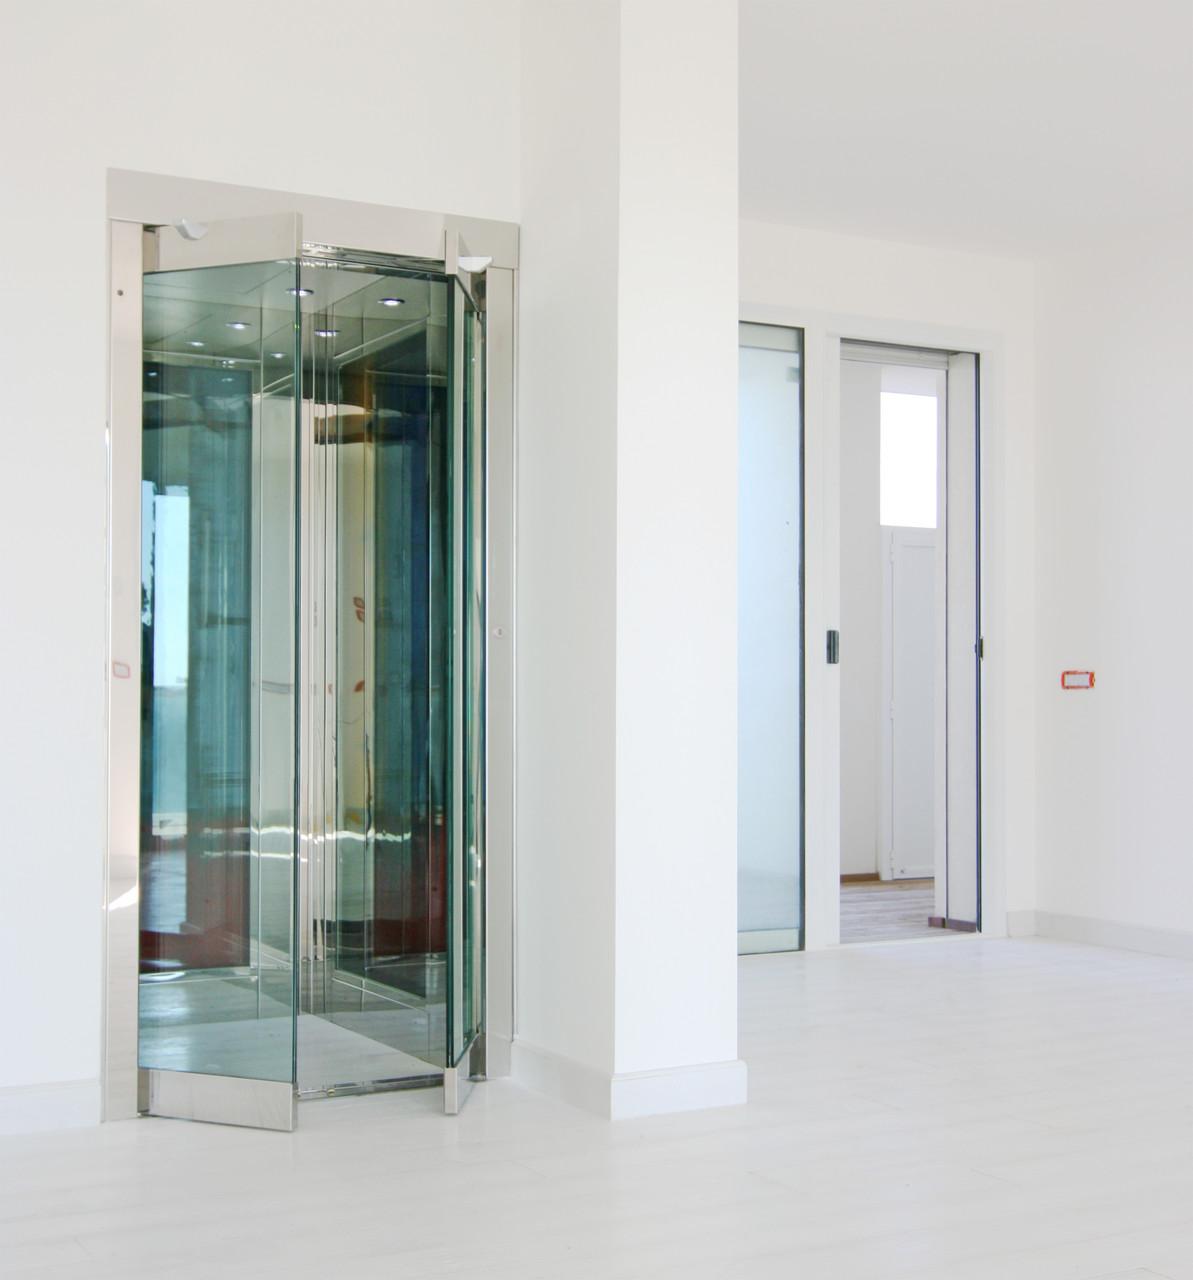 100 plateforme oblique pour escaliers droits installation plateformes l vatrices. Black Bedroom Furniture Sets. Home Design Ideas